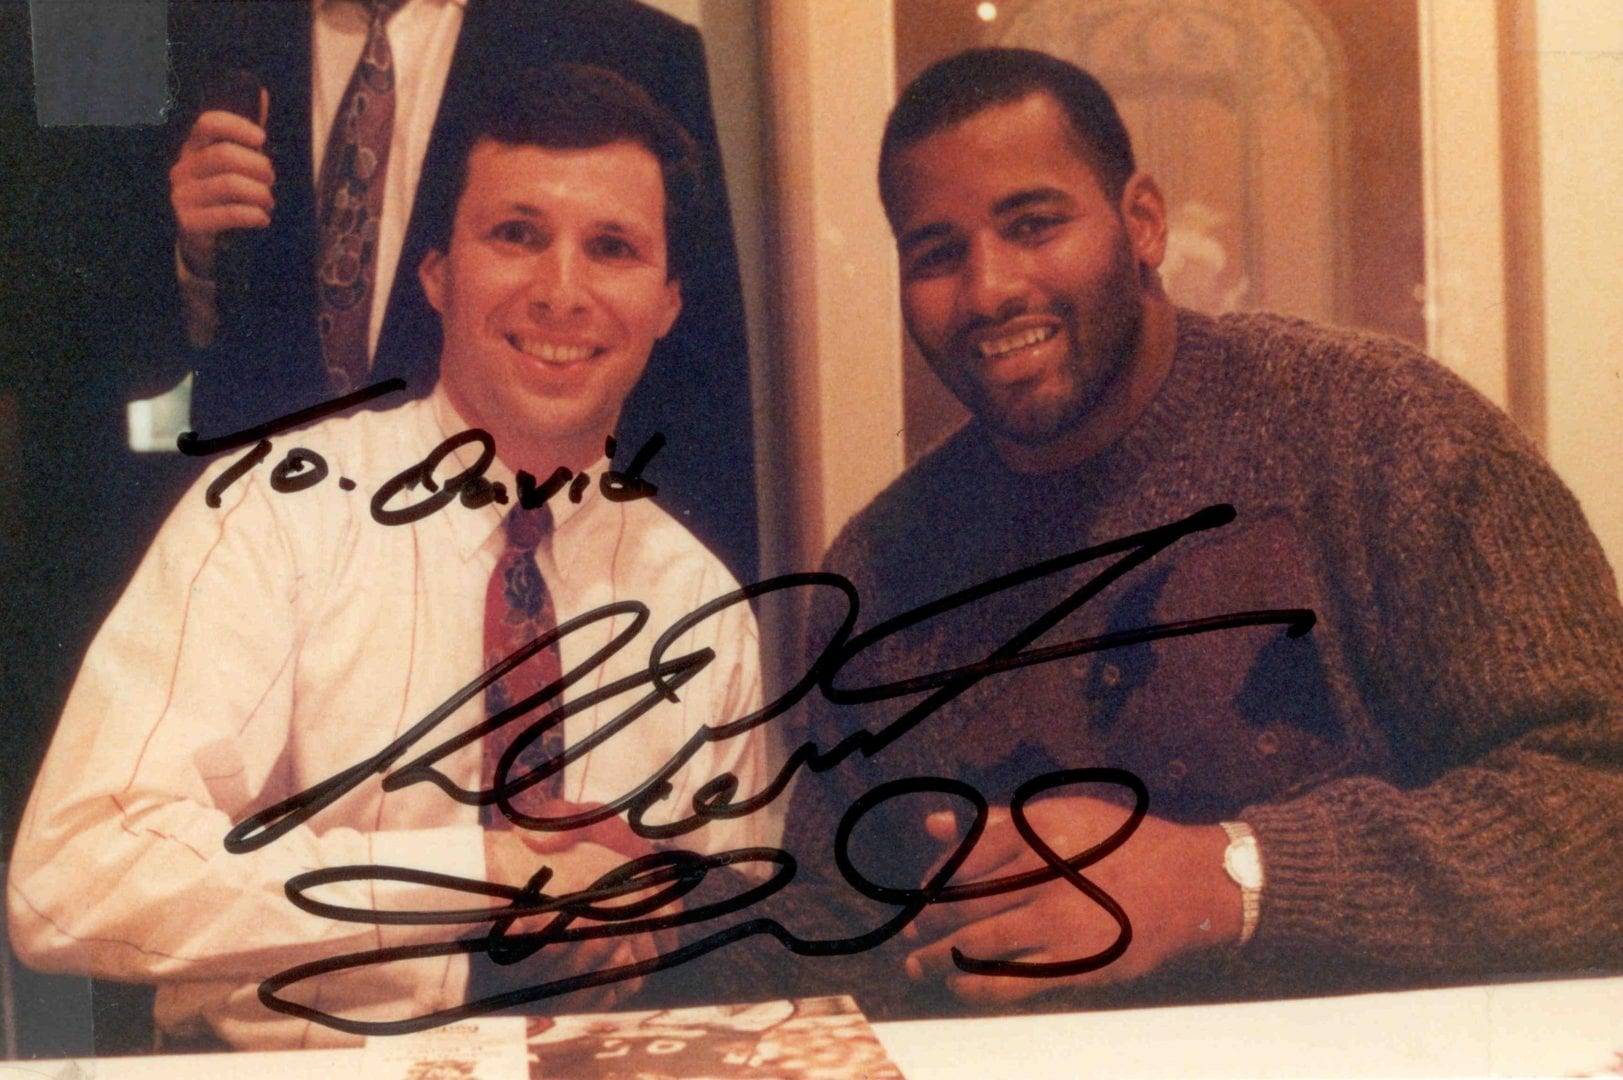 Richard Dent's autographed photo